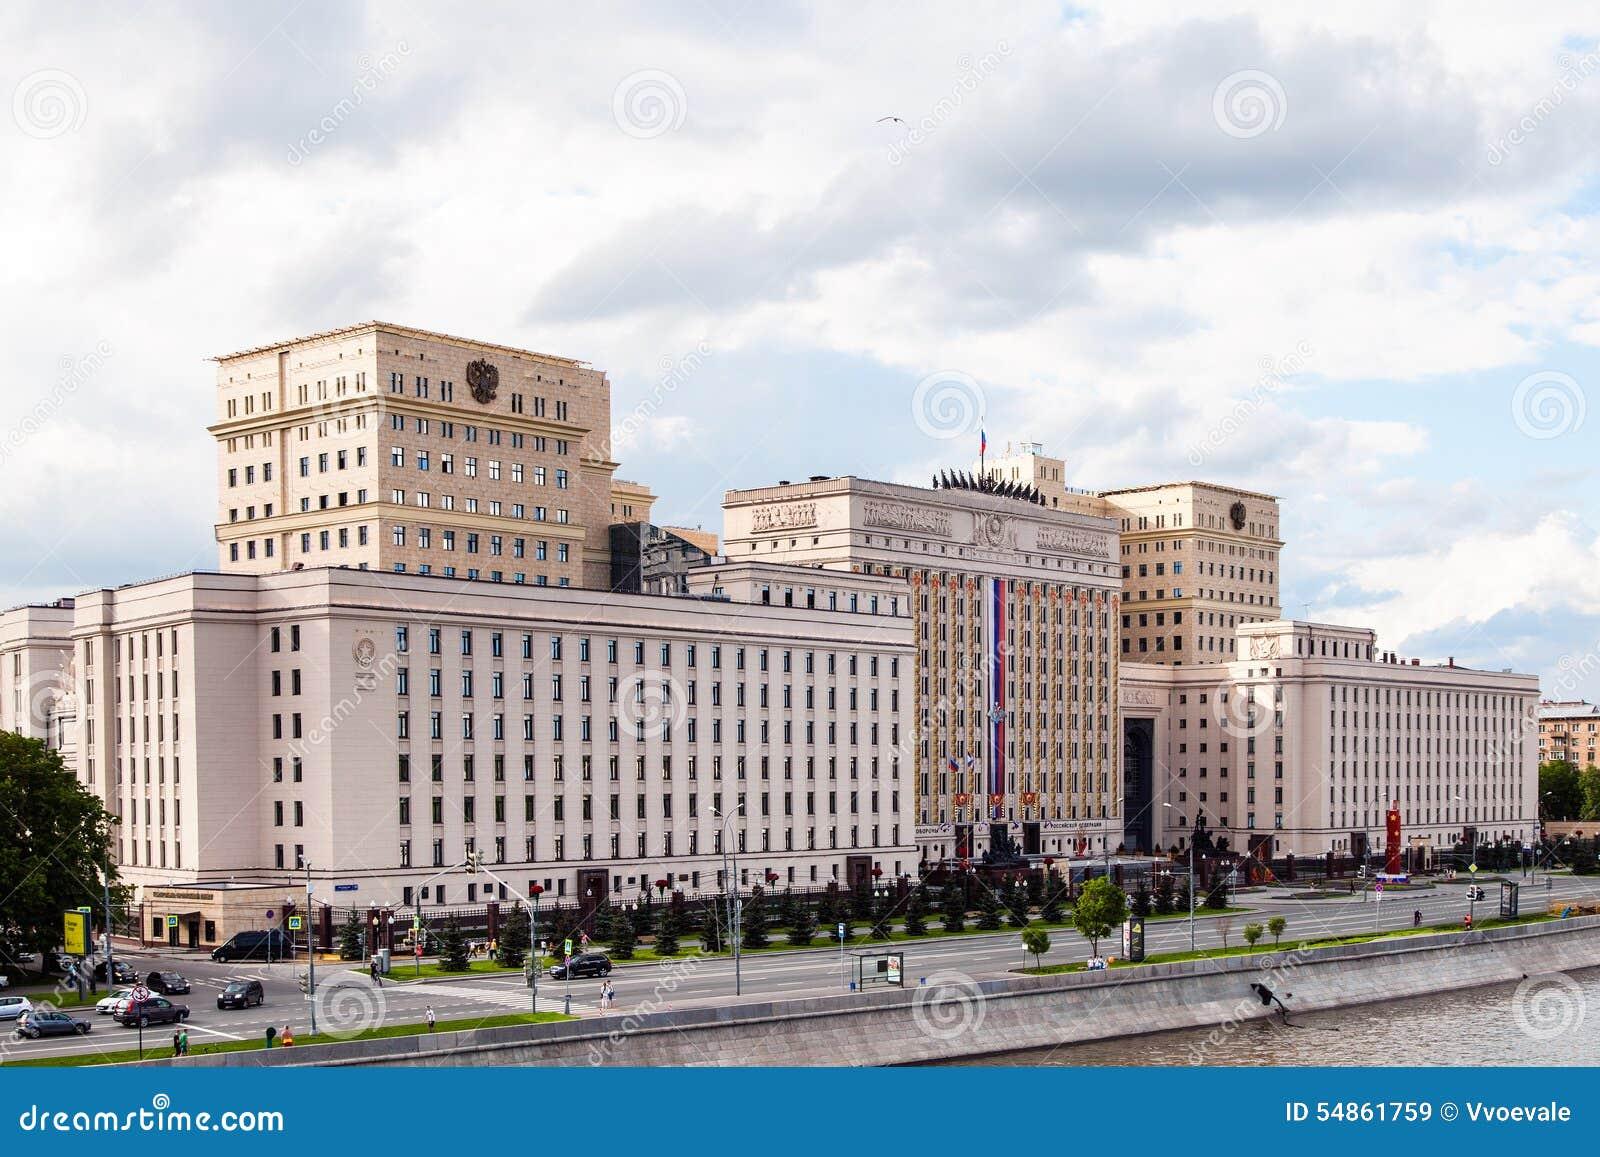 B timent du minist re de la d fense de la russie image for Ministere de defense